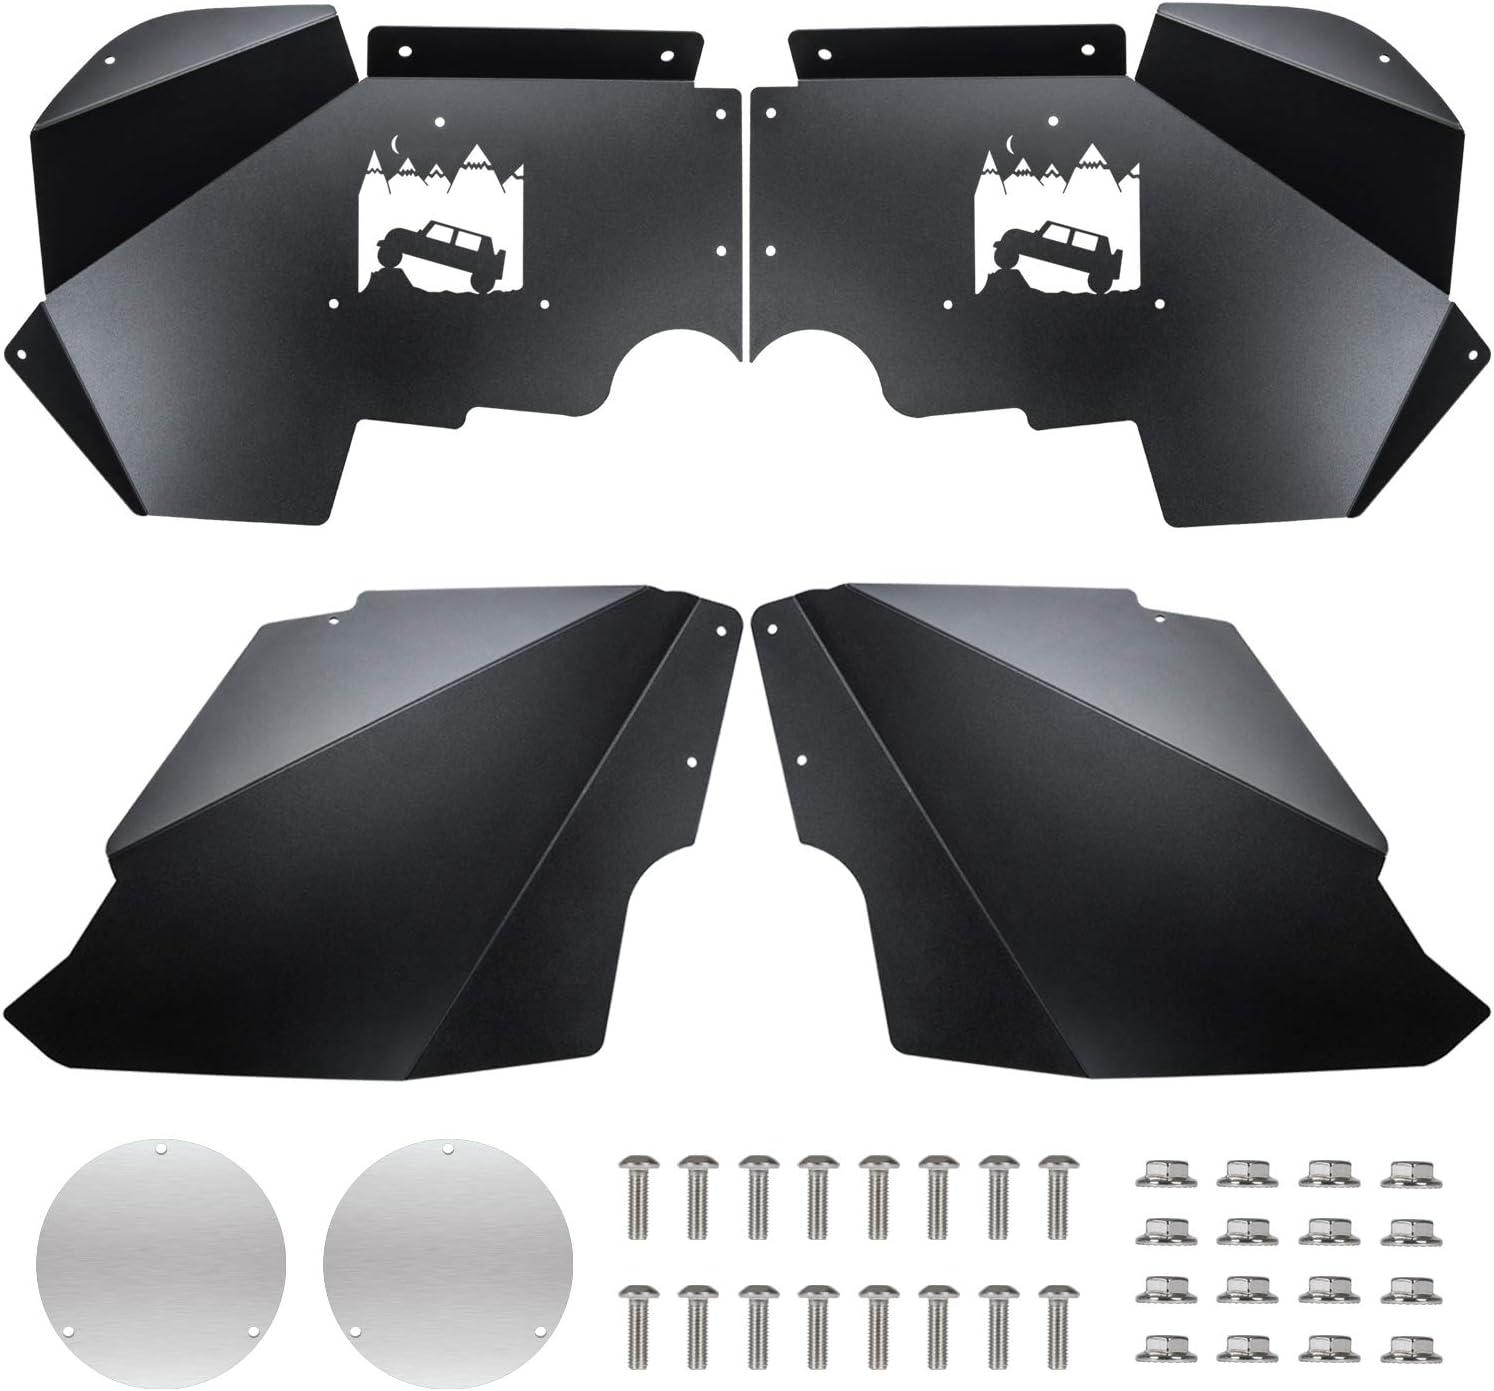 Sunluway for Jeep Wrangler JK Front Inner Fender Liners for 2007-2018 JK JKU 4WD Off-Road Logo Aluminum Lightweight Design Black Splash Guards